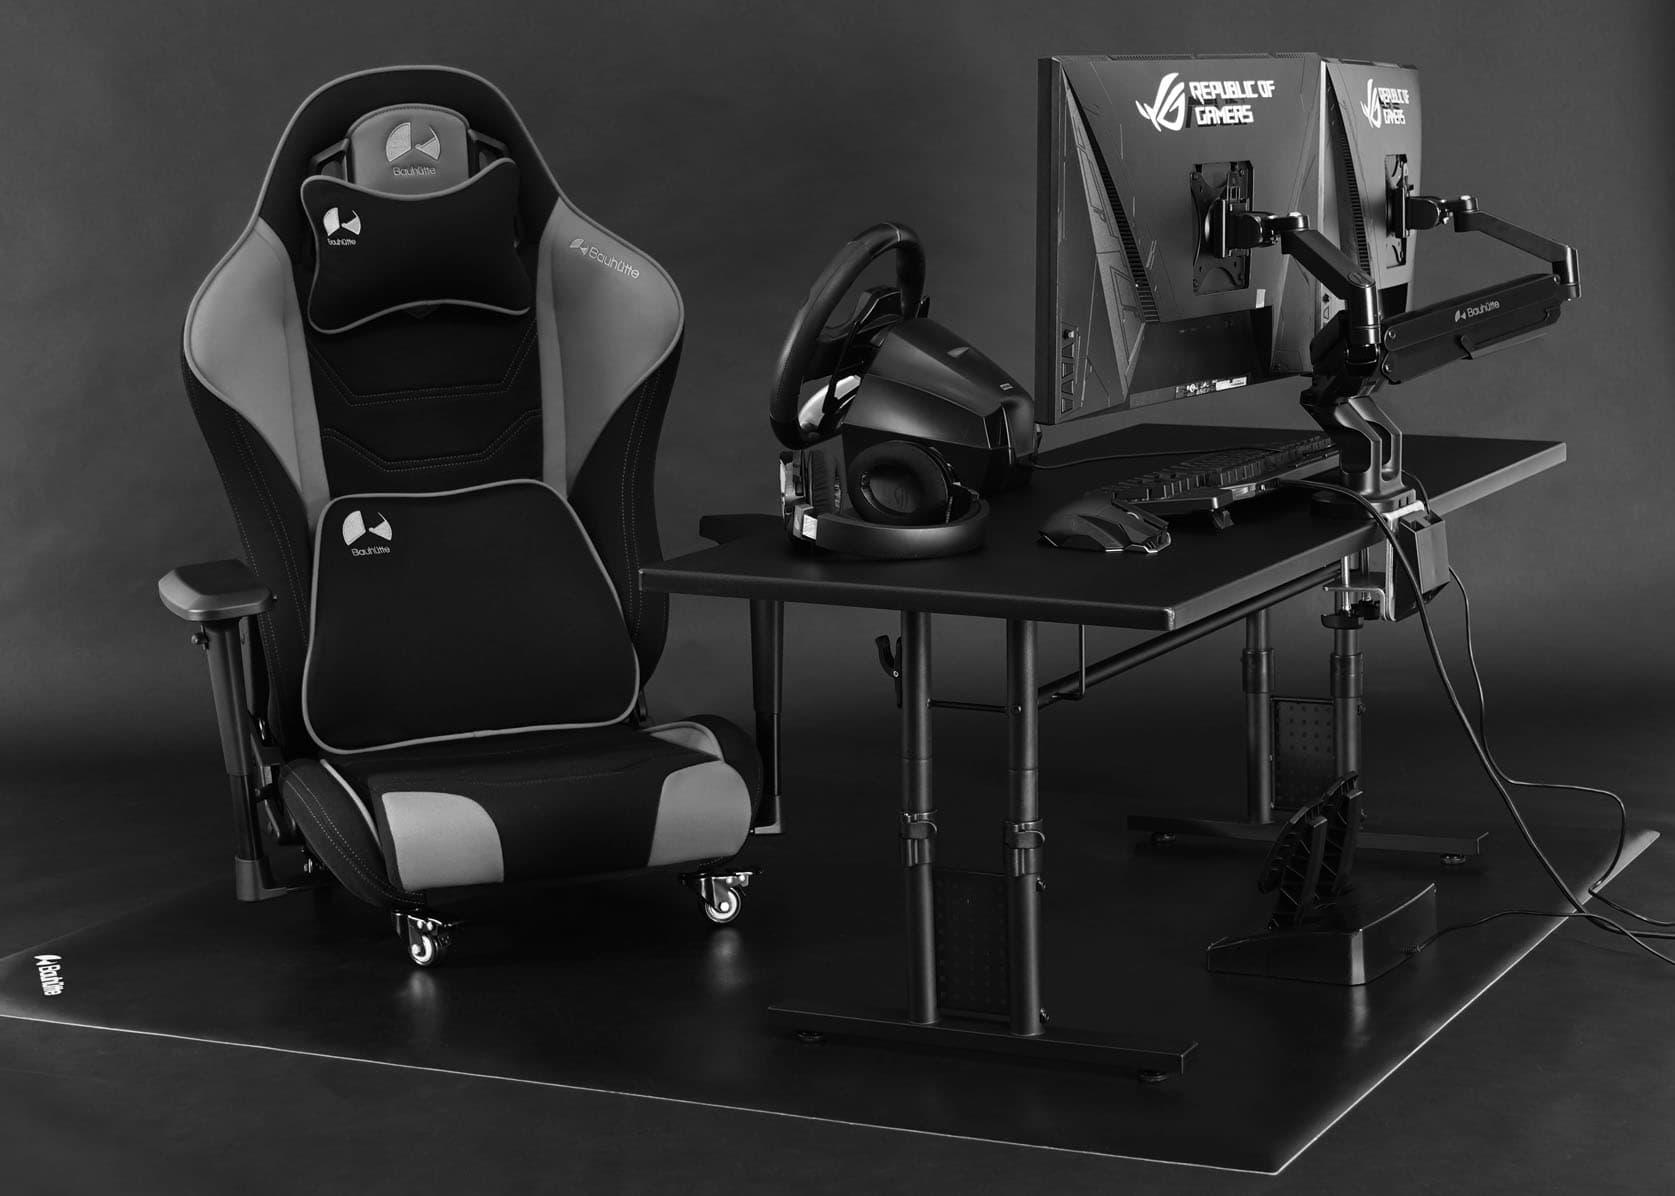 ゲーミング座椅子 GX-530 gallery